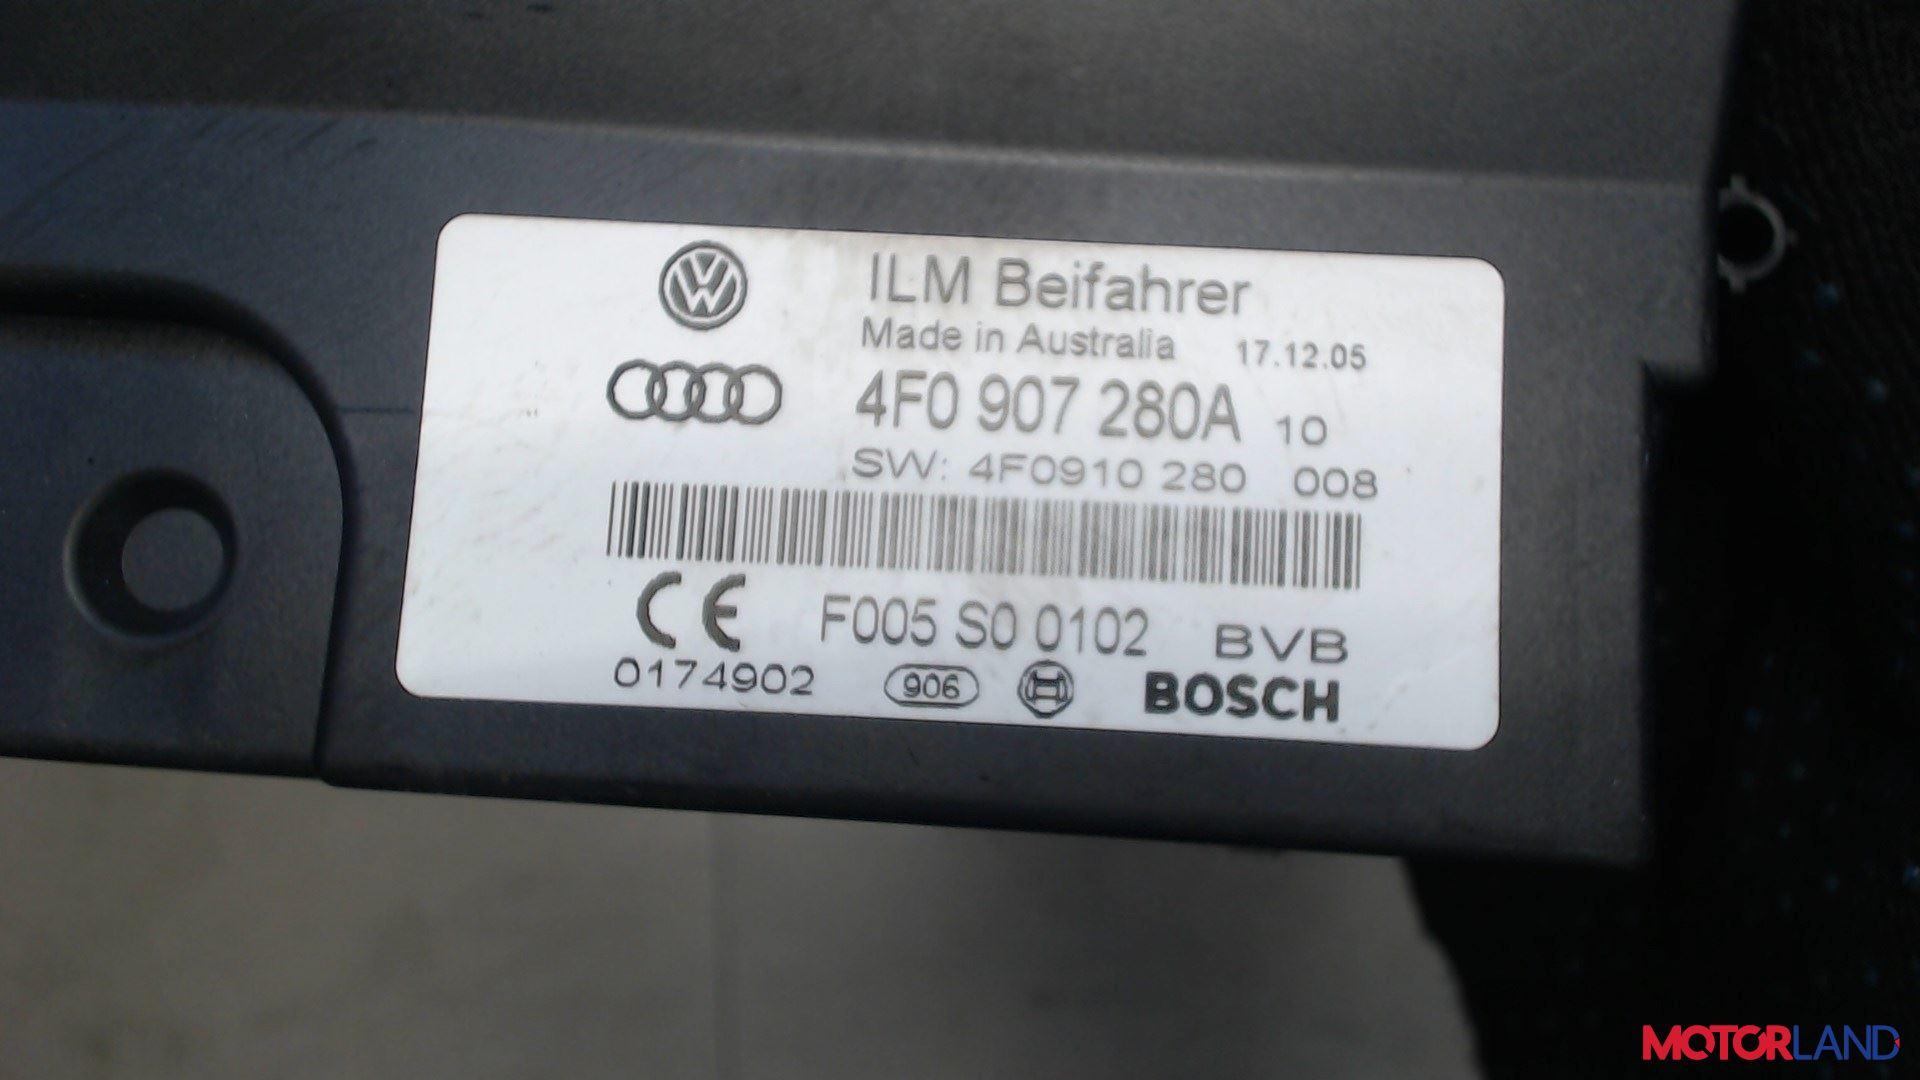 Блок управления (ЭБУ) Audi A6 (C6) 2005-2011 2.7 л. 2006 BPP б/у #2